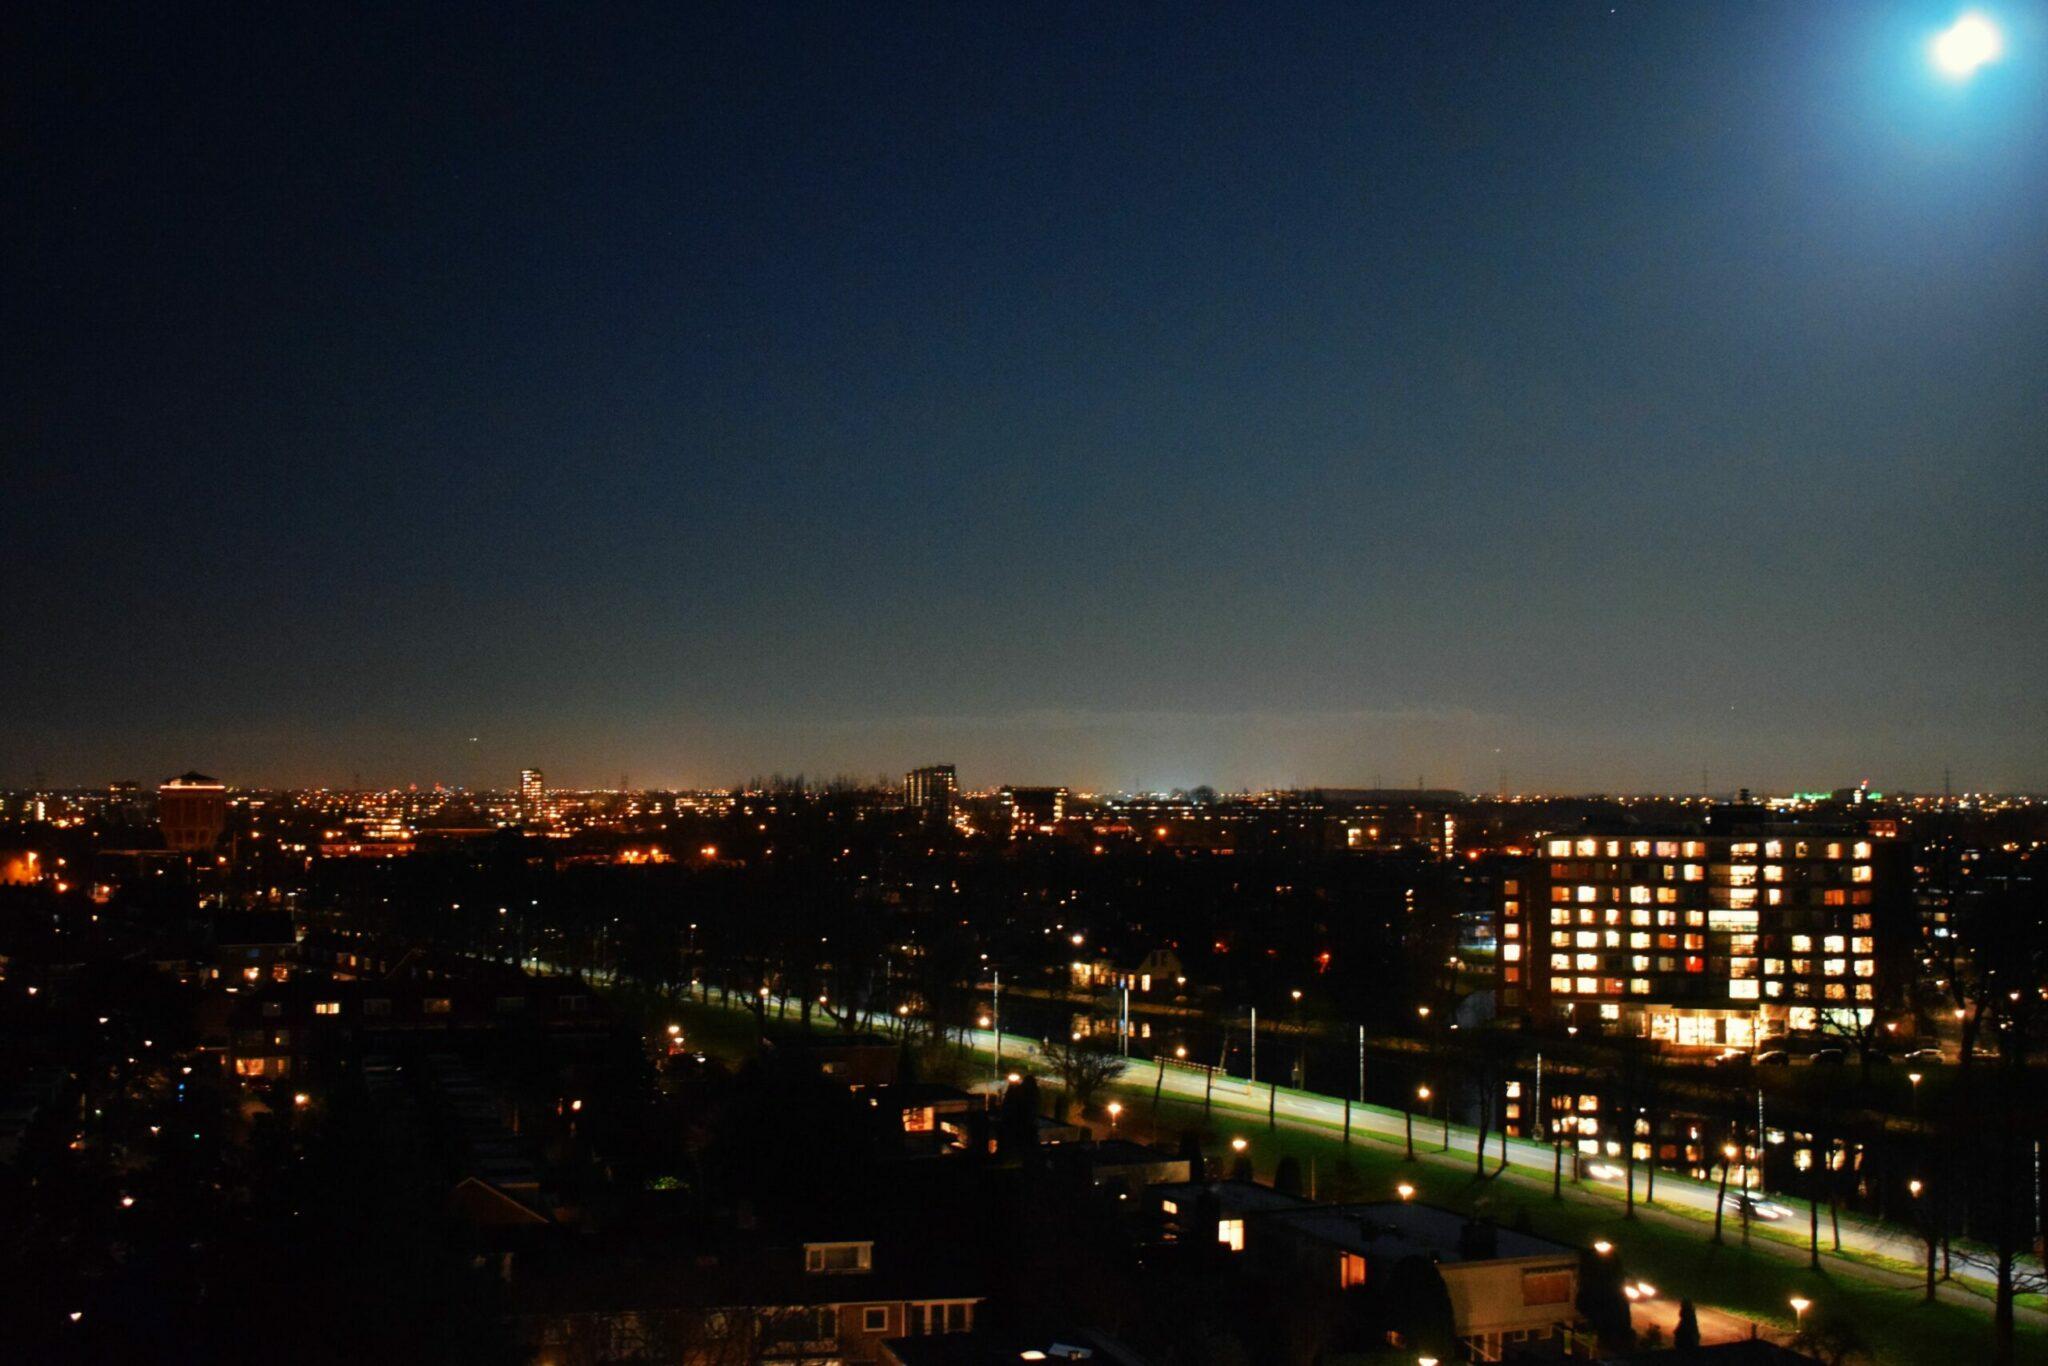 maan avond leiden